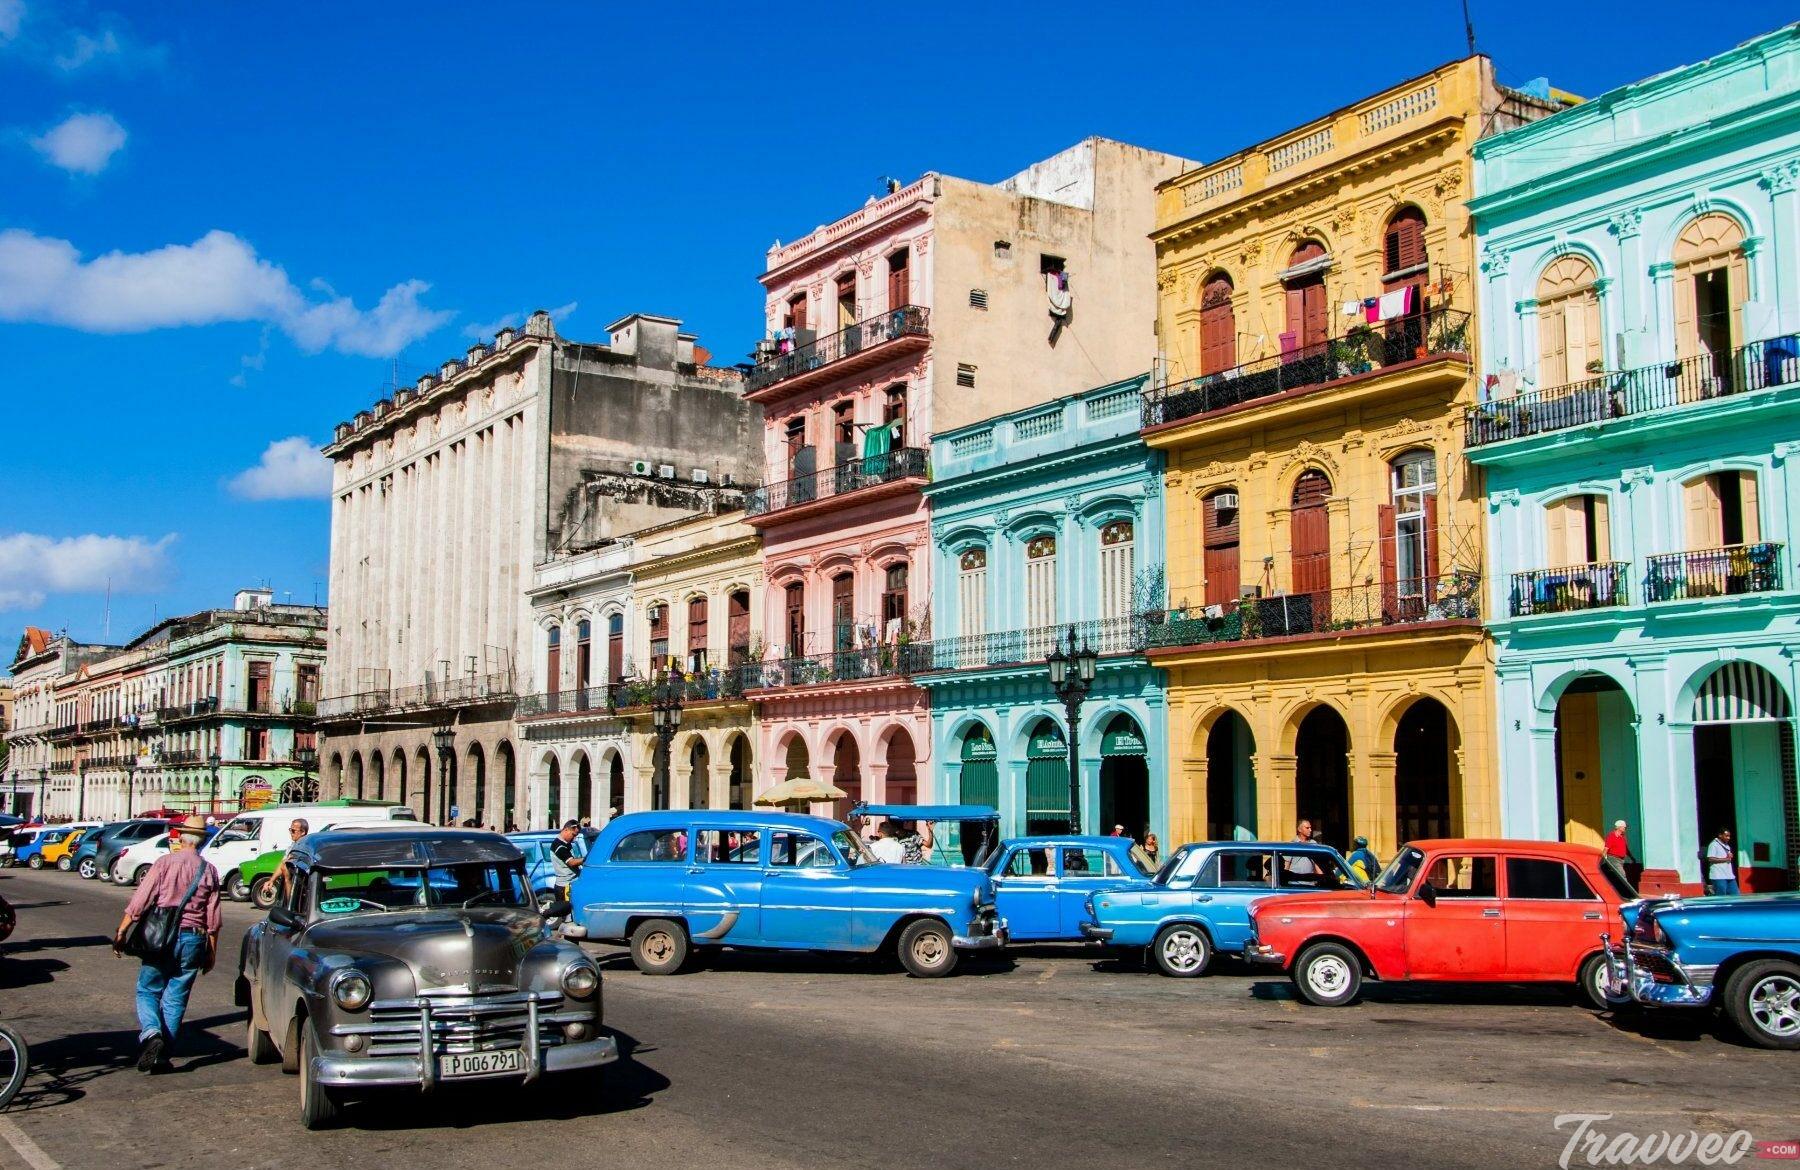 السياحة فى كوبا فى مدينة هافانا